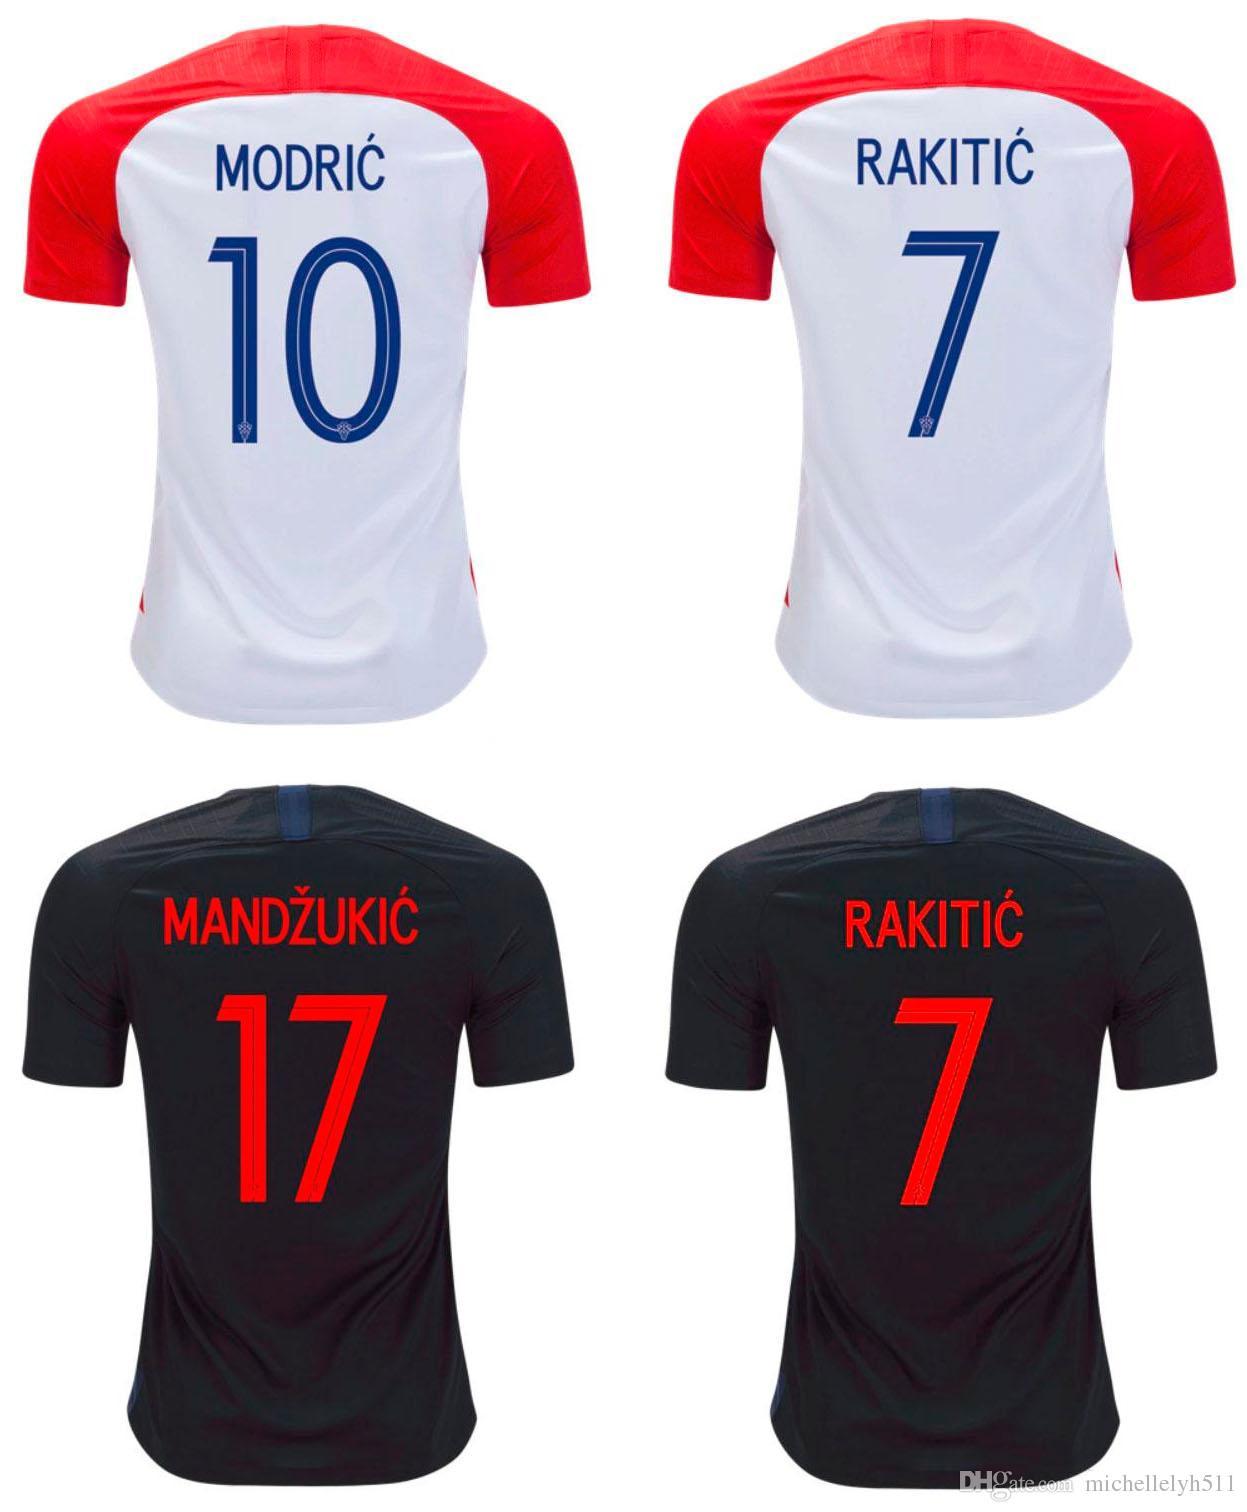 2018 Hrvatska Soccer Jersey MODERNO RÁPIDO RÁPIDO MANDZUKIC Equipo Nacional  Camisetas De Fútbol World Cup 2018 Hrvatska Uniformes De Fútbol Local  Visitante ... f6da44cb3